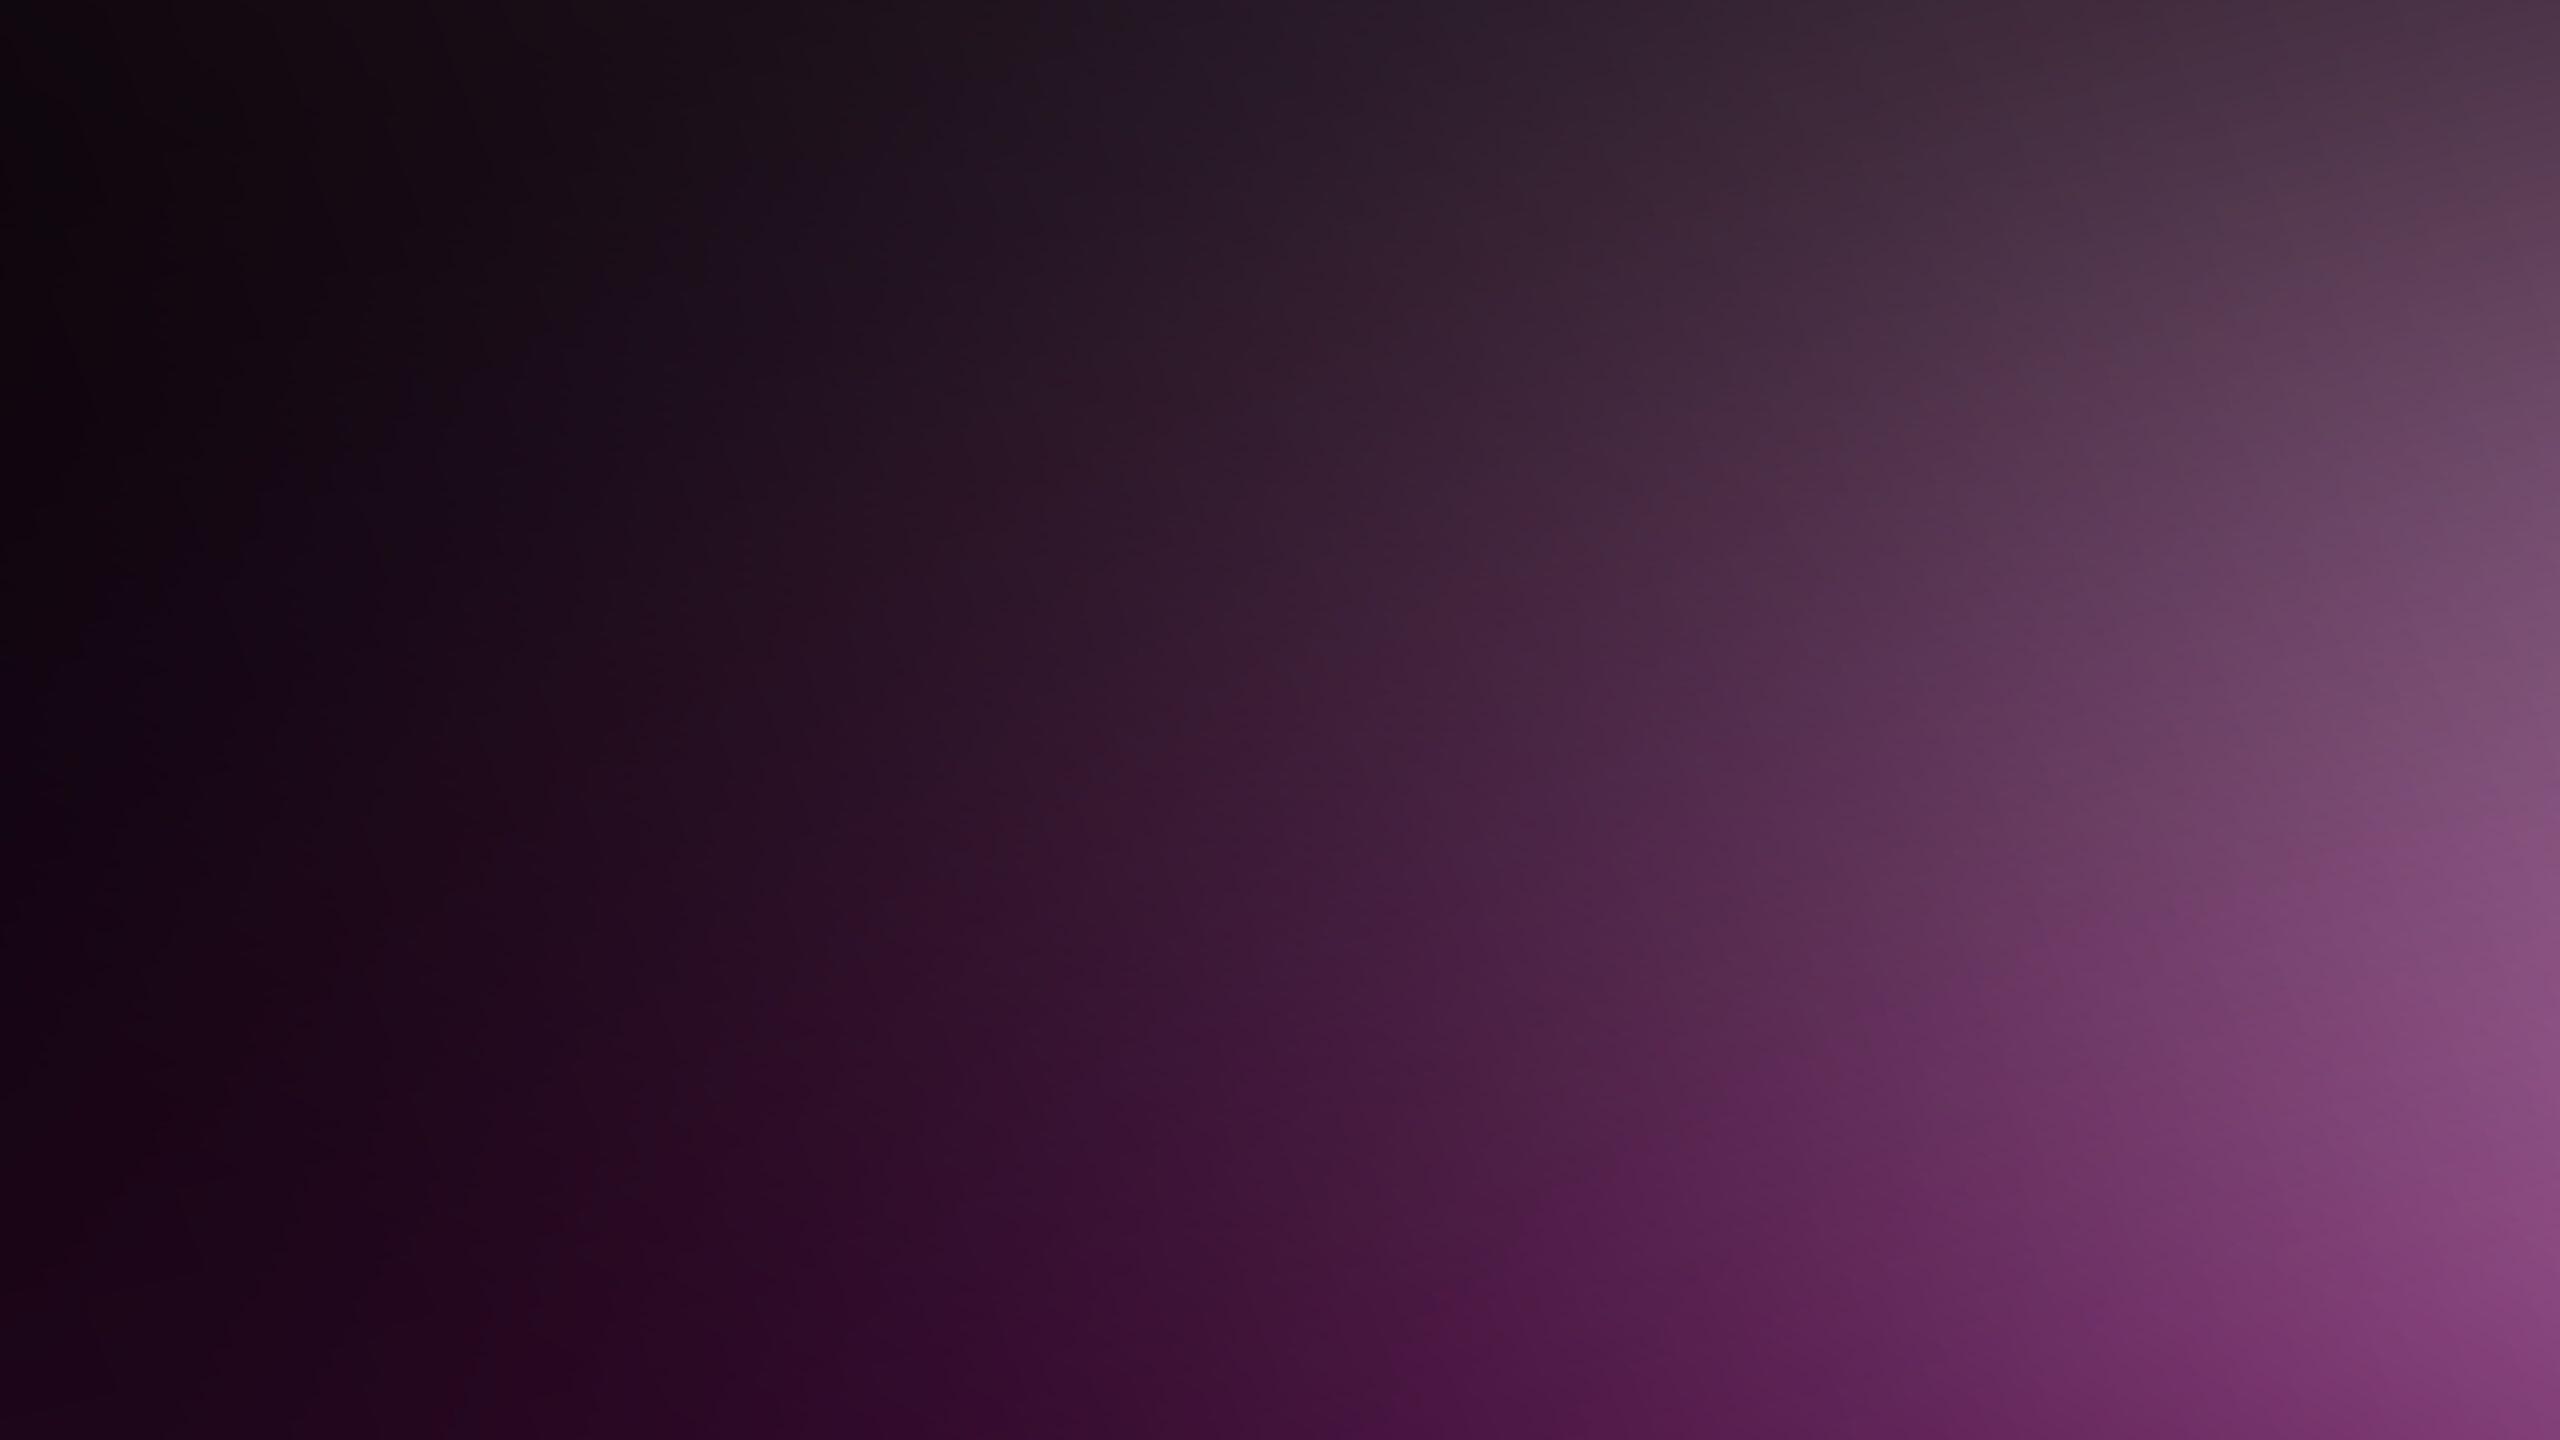 Dark Purple Background wallpaper – 1267141